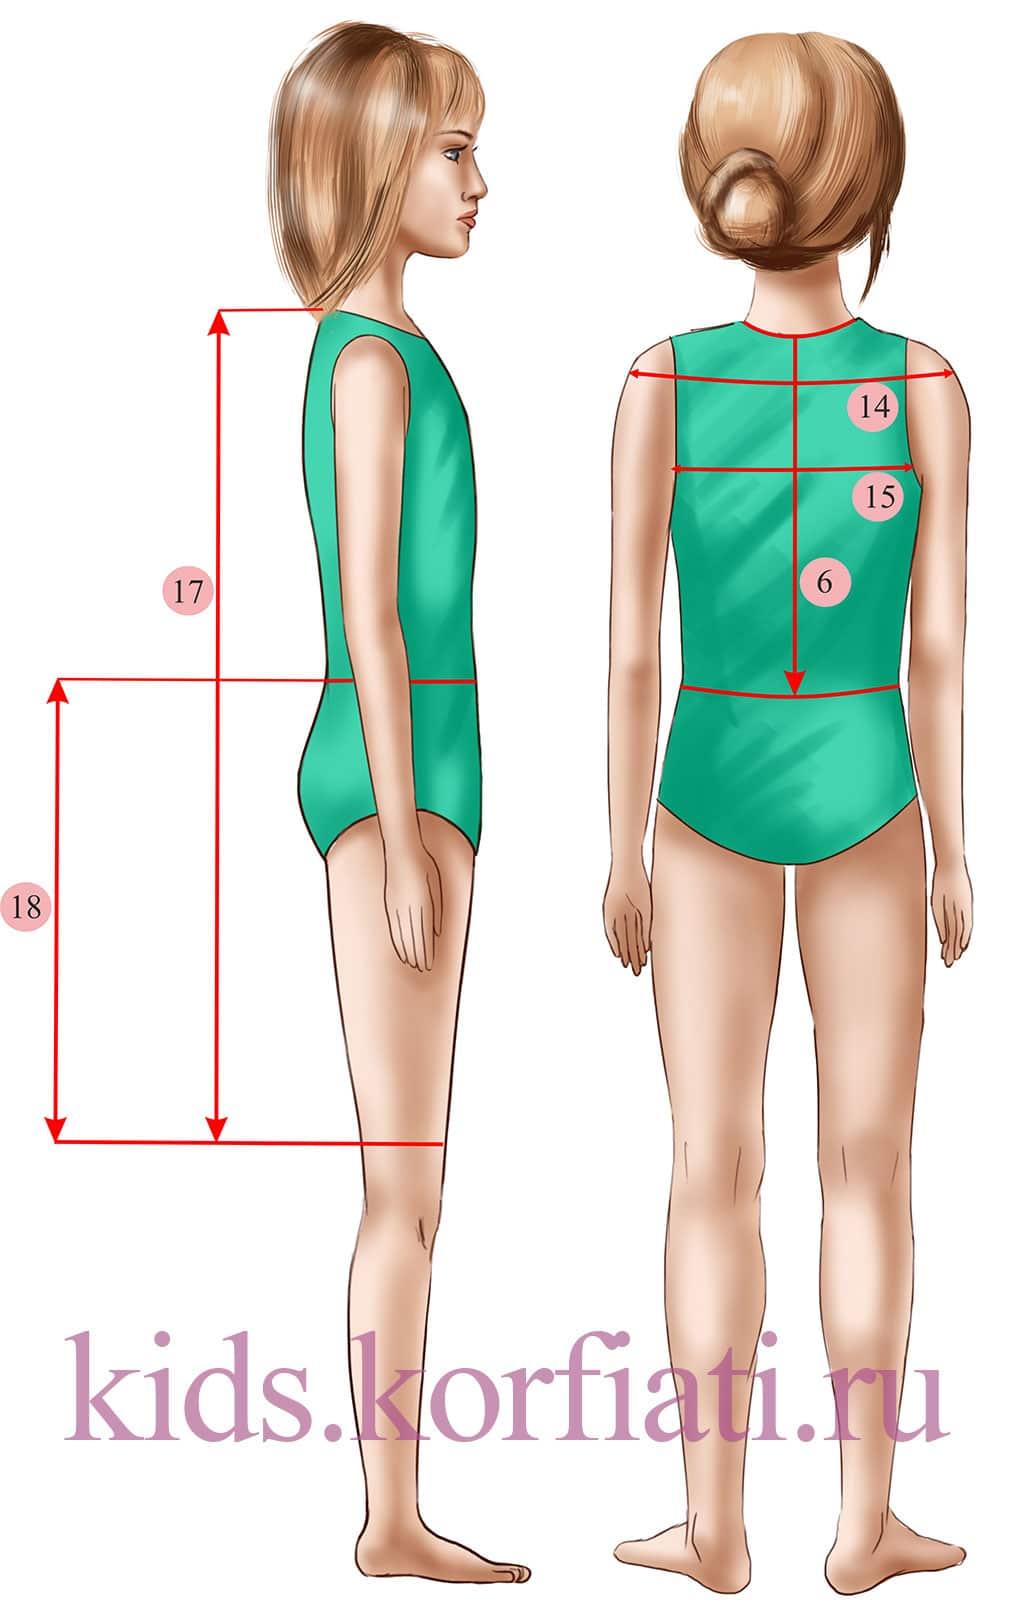 Как снять мерки для выкройки детского платья